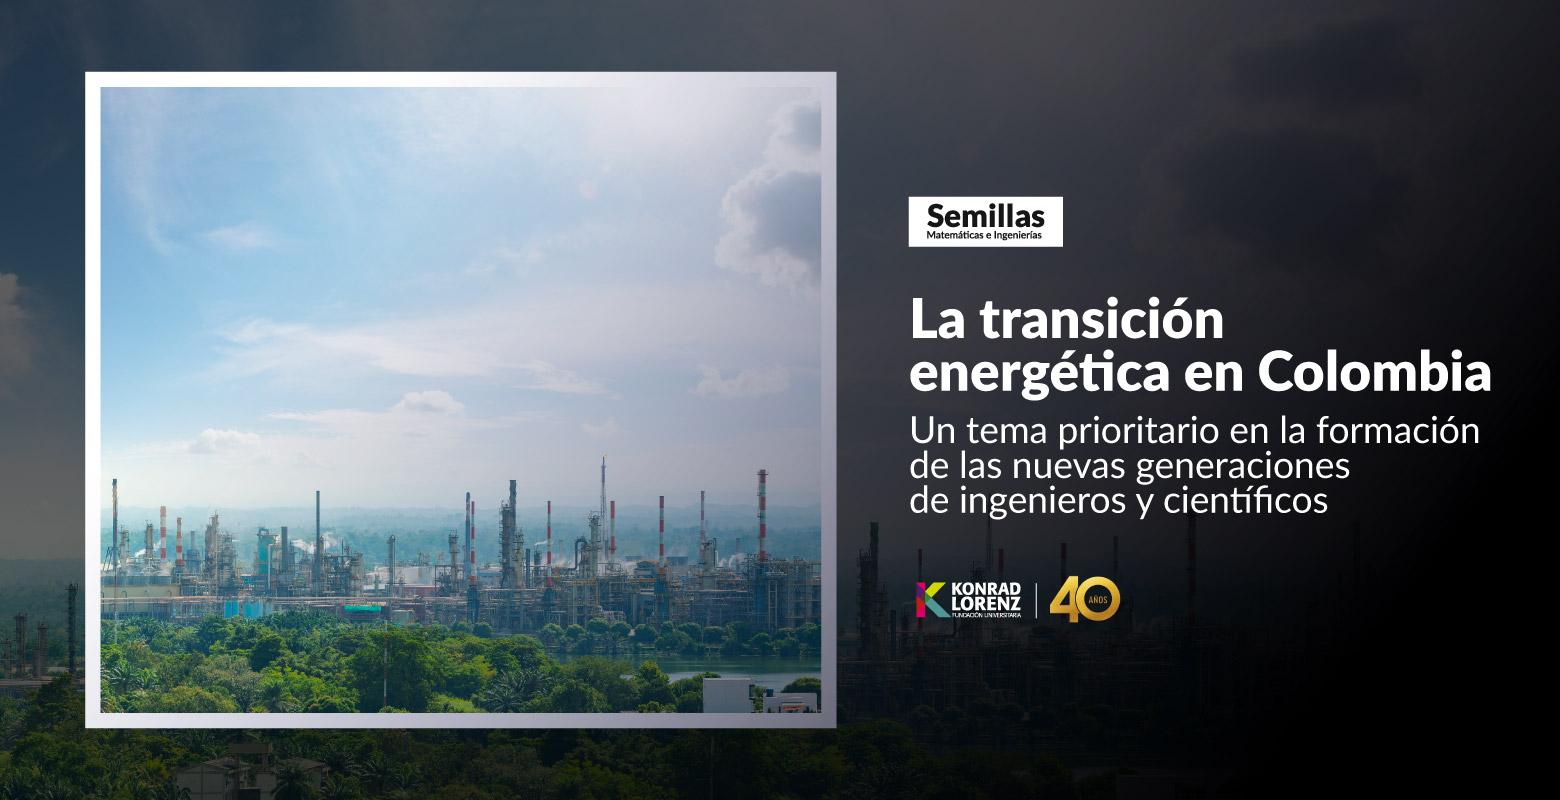 La transición energética en Colombia